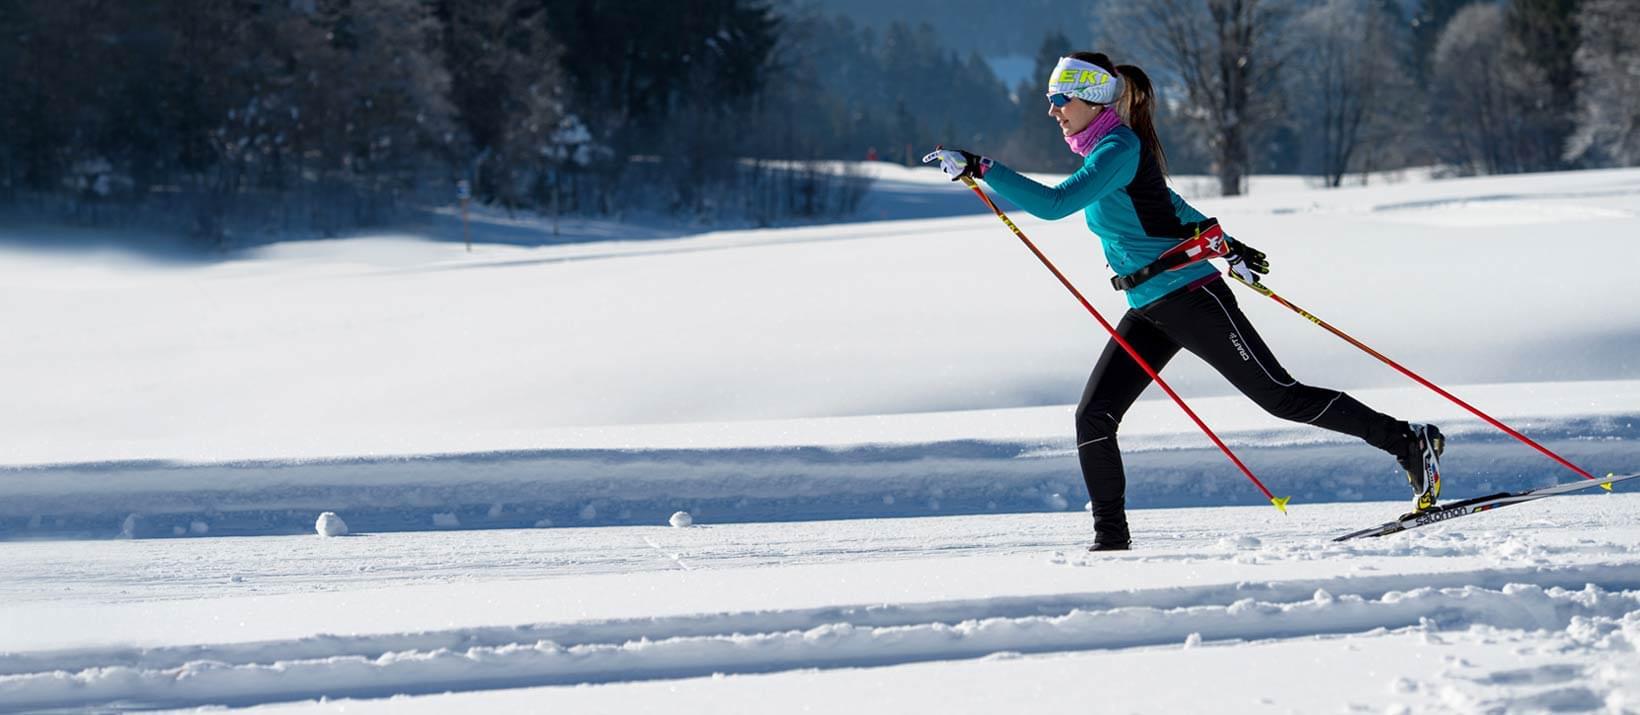 e3a595c6b6f ... kde vám naši lyžařští specialisté pomohou s výběrem vhodného modelu  holí na běžky. V prodejně vám umíme také běžecké hole zakrátit na potřebnou  délku.